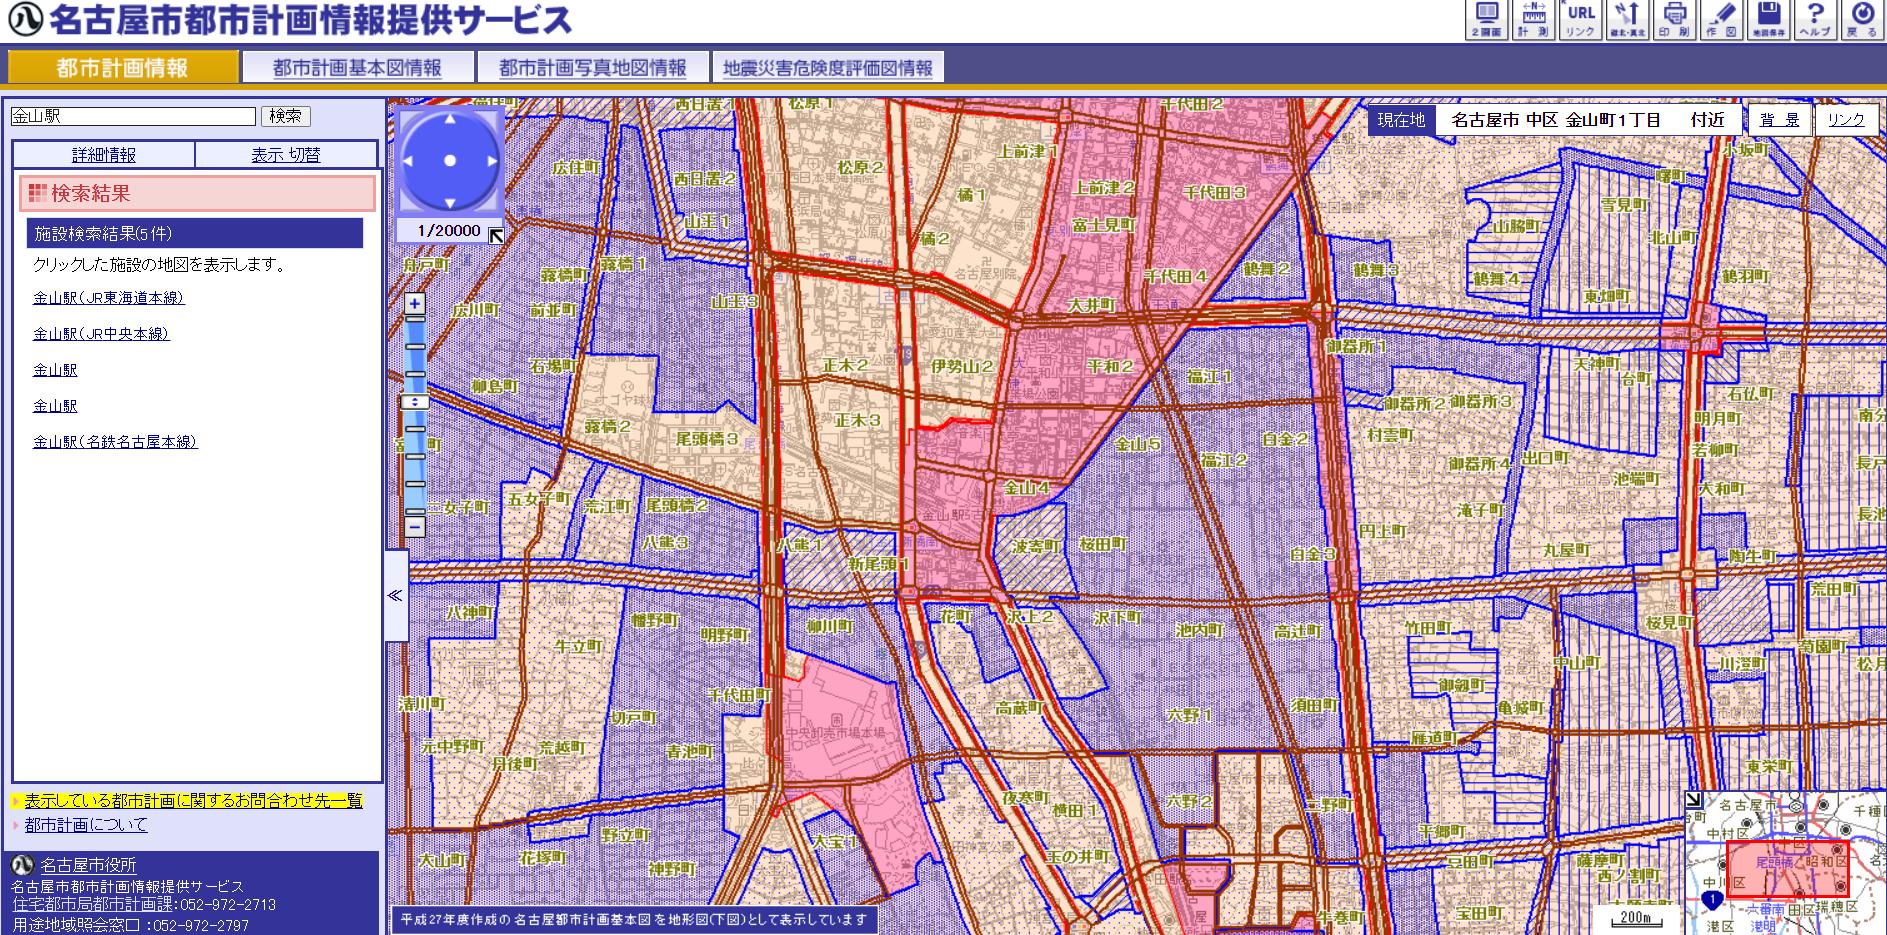 名古屋市「都市計画情報提供サービス」中区金山駅周辺の防火地域、準防火地域の分布状況:かなり広範にエリア指定がされている